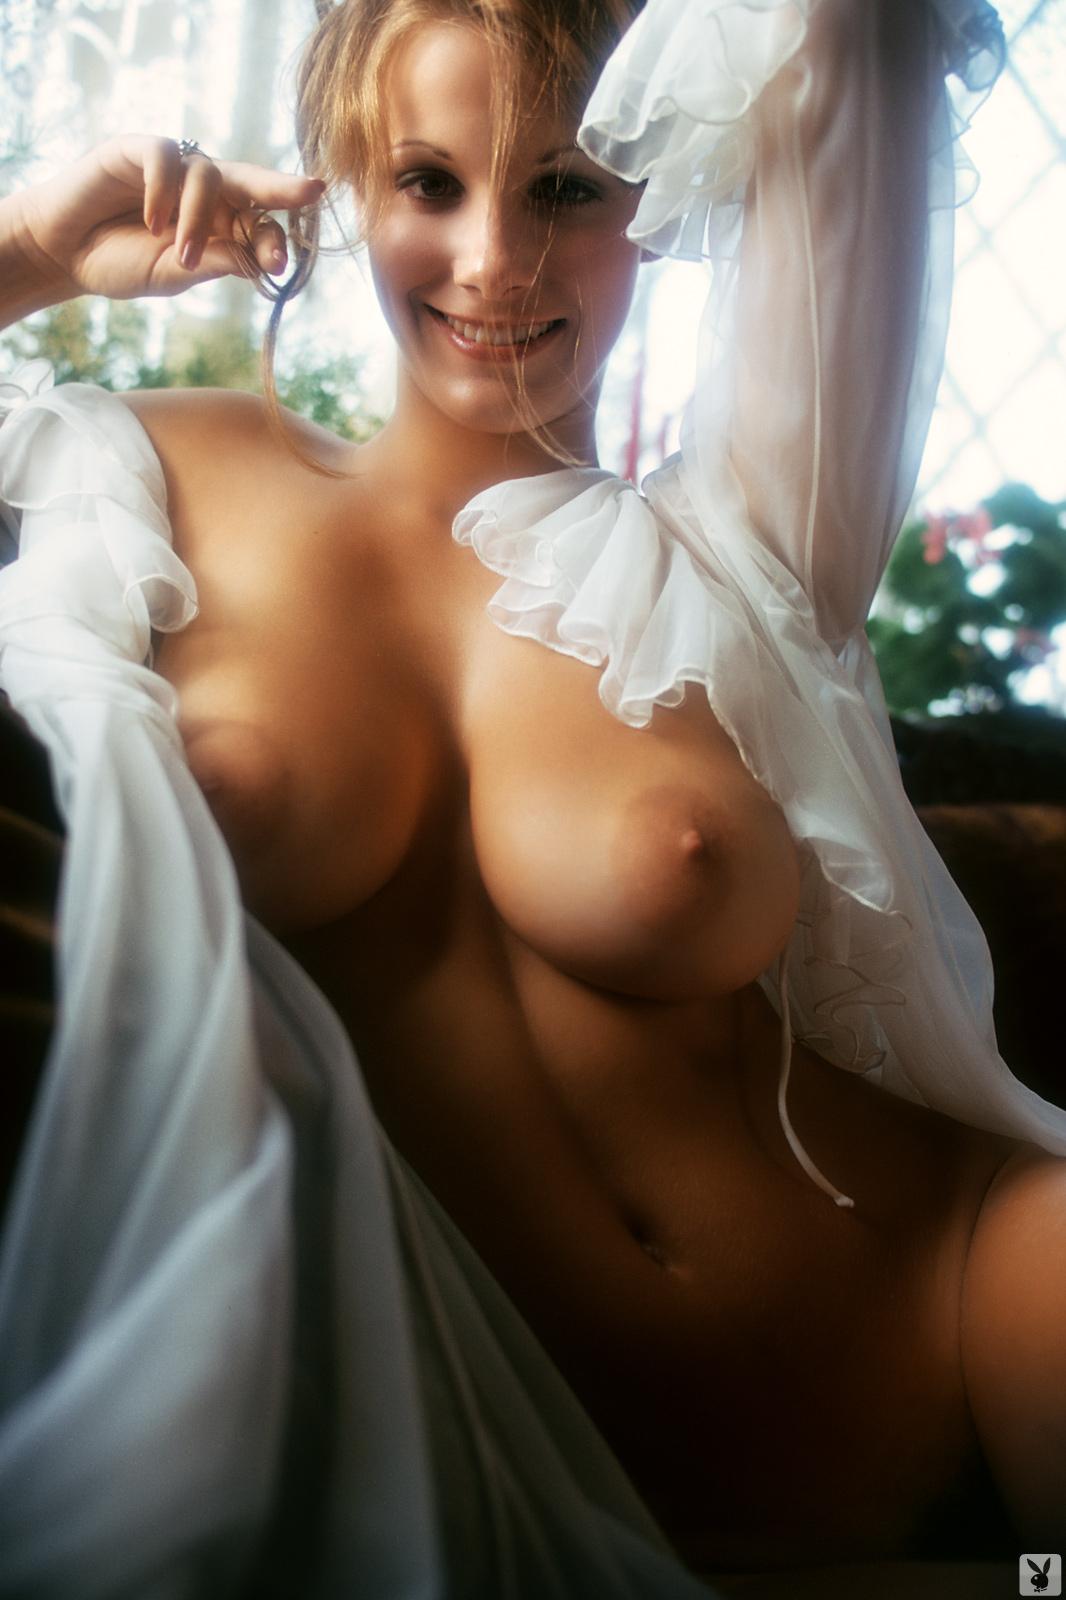 Hot nude women in shower